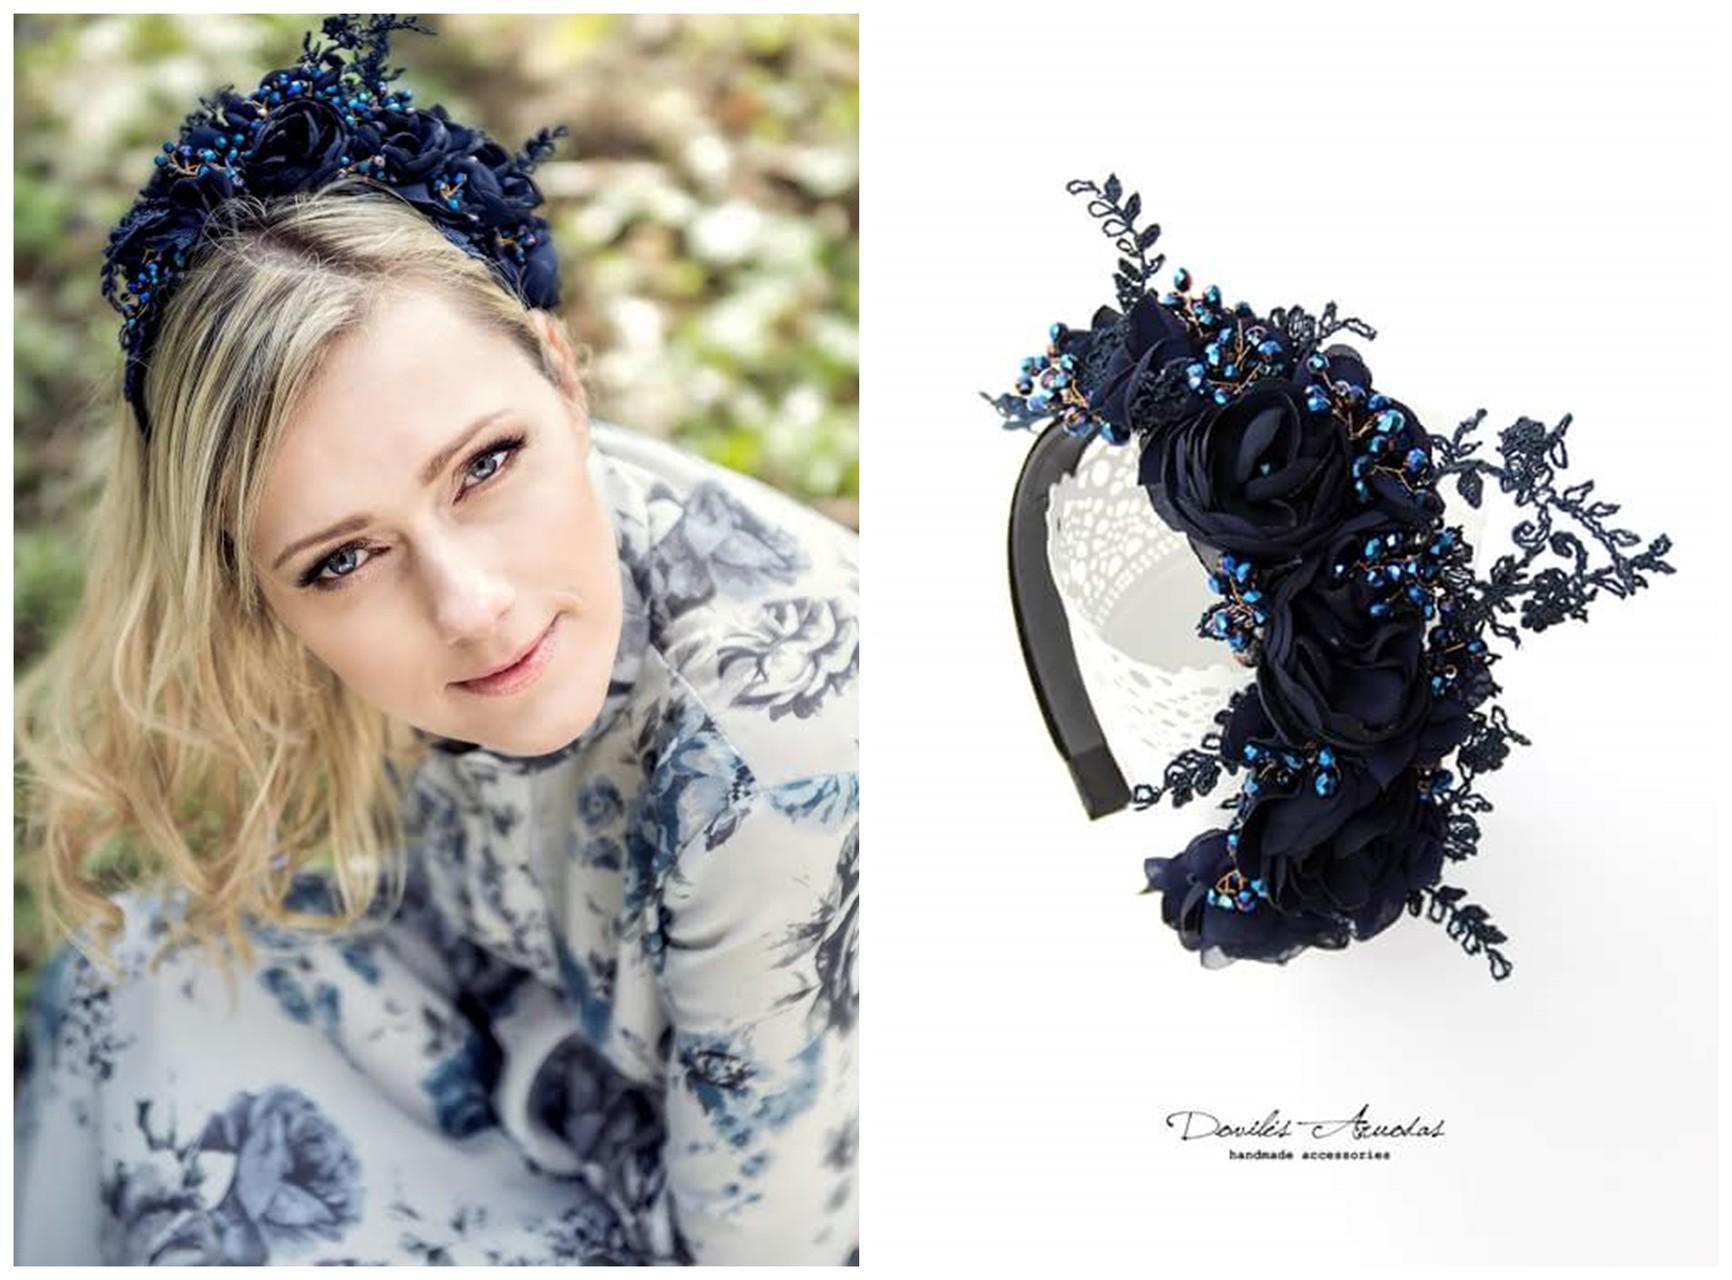 Suknelė: UGRU design Nuotrauka: Rasos laše Modelis: Alina